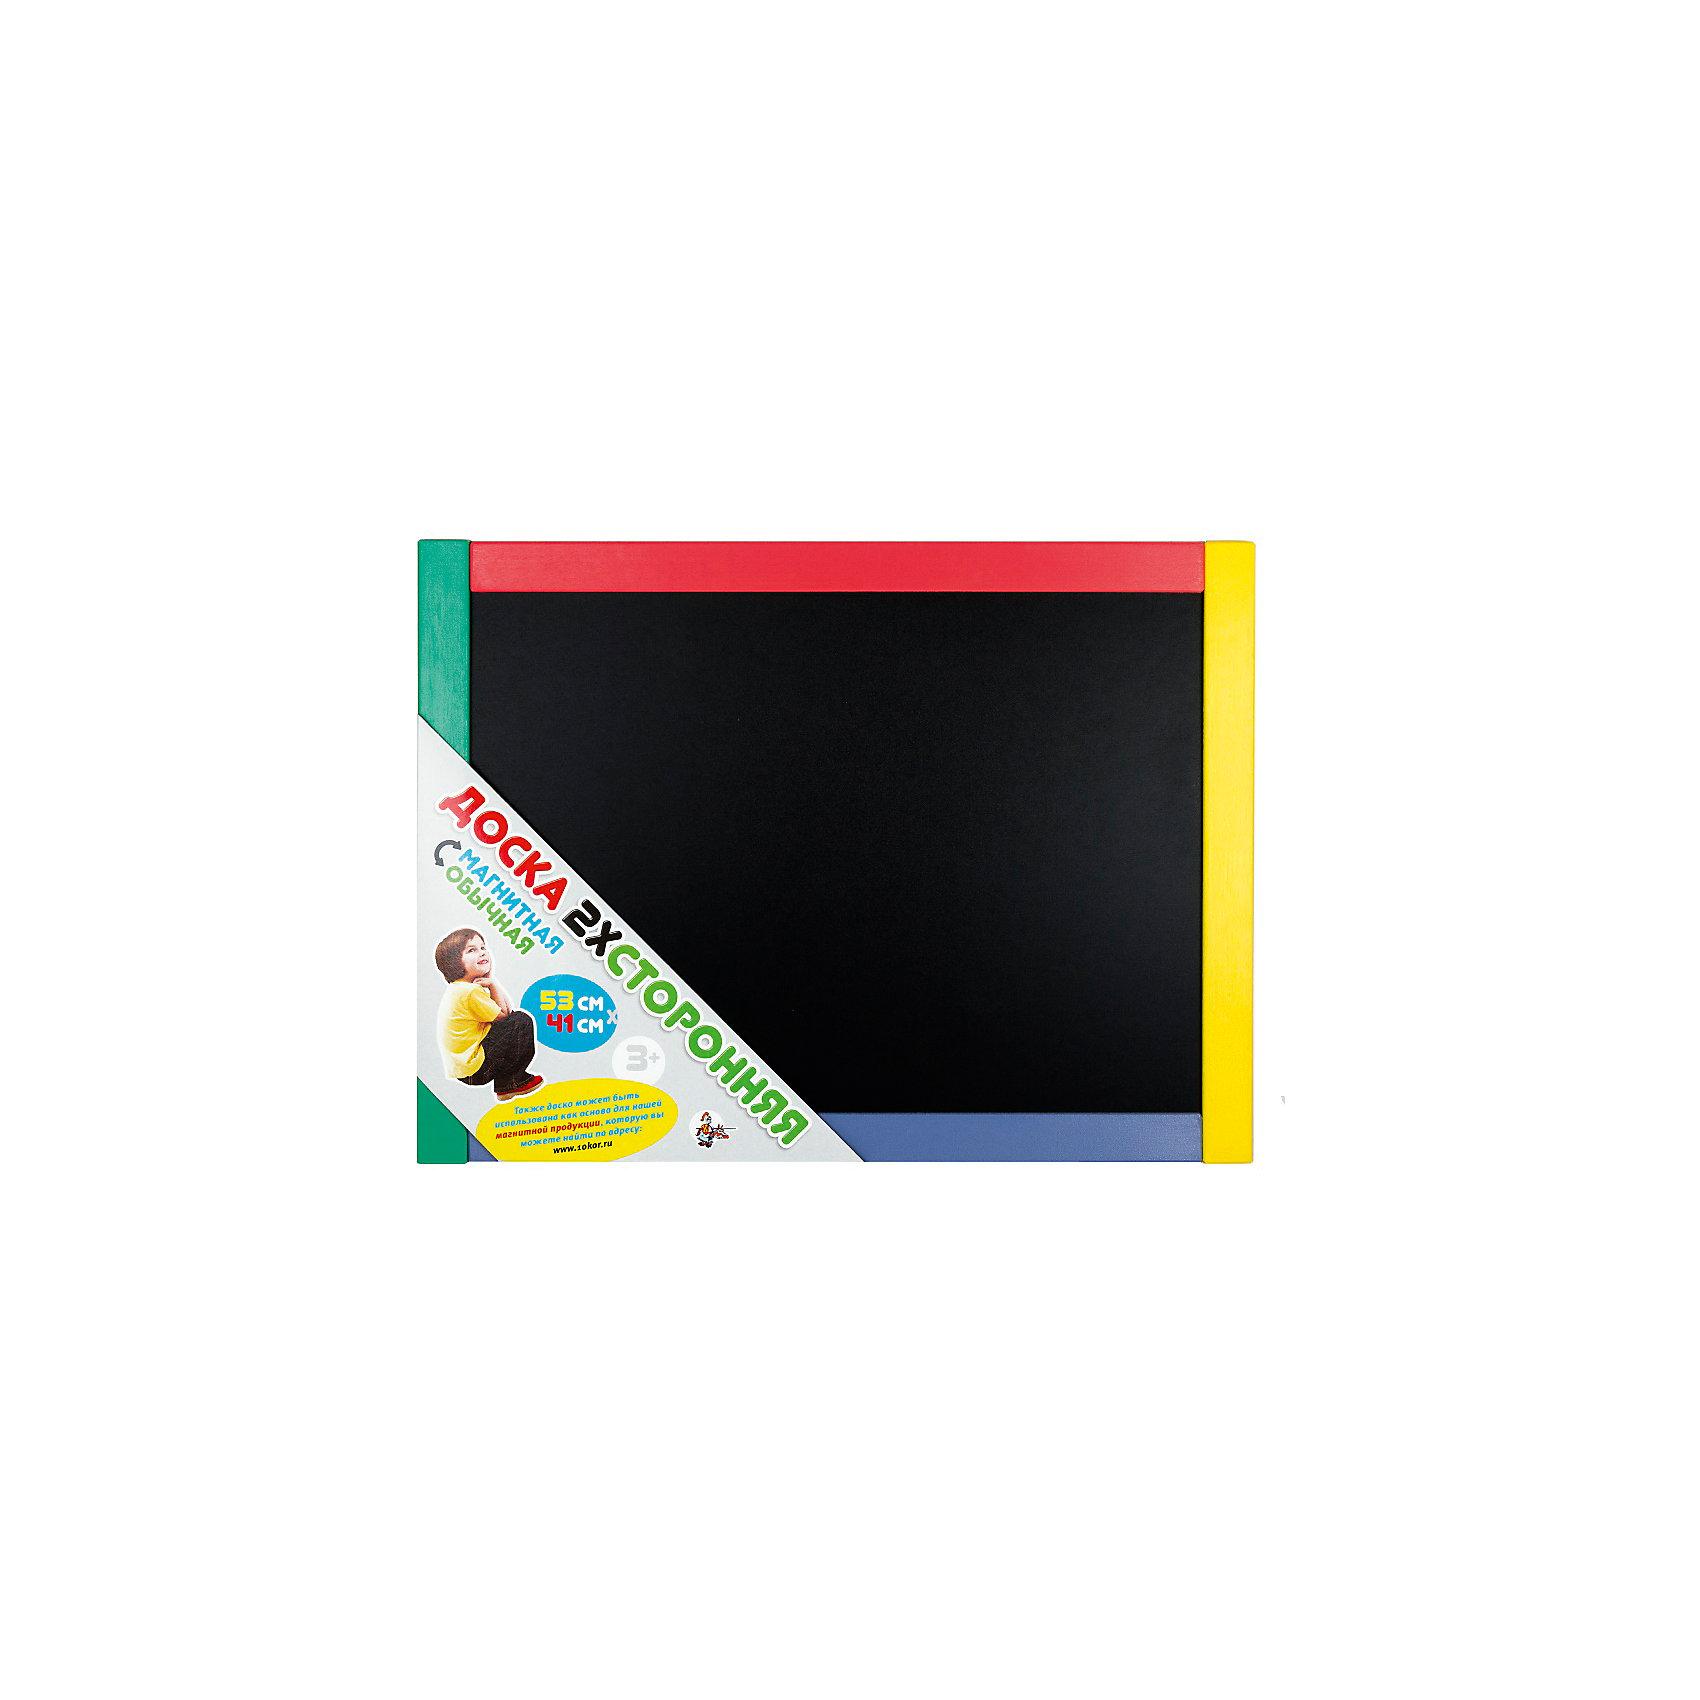 Доска магнитно-маркерная, Десятое королевствоМебель<br>Доска магнитно-маркерная, Десятое королевство<br><br>Характеристики:<br><br>• Возраст: от 5 лет<br>• Габаритный размер: 53х41 см <br>• Размер игрового поля: 47х34см <br>• Рамка: цветная<br>• В комплекте: доска, сумка ПВХ<br><br>Эта магнитная доска может использоваться самым различным образом - как для простого детского творчества, так и для обучения ребенка буквам и основам счета . Одна сторона доски пригодна для рисования мелом, другая - для магнитов и специальных маркеров. Бесцветную рамку ребенок сможет сам раскрасить по своему желанию.<br><br>Доска магнитно-маркерная, Десятое королевство можно купить в нашем интернет-магазине.<br><br>Ширина мм: 535<br>Глубина мм: 410<br>Высота мм: 15<br>Вес г: 1395<br>Возраст от месяцев: 36<br>Возраст до месяцев: 60<br>Пол: Унисекс<br>Возраст: Детский<br>SKU: 5471709